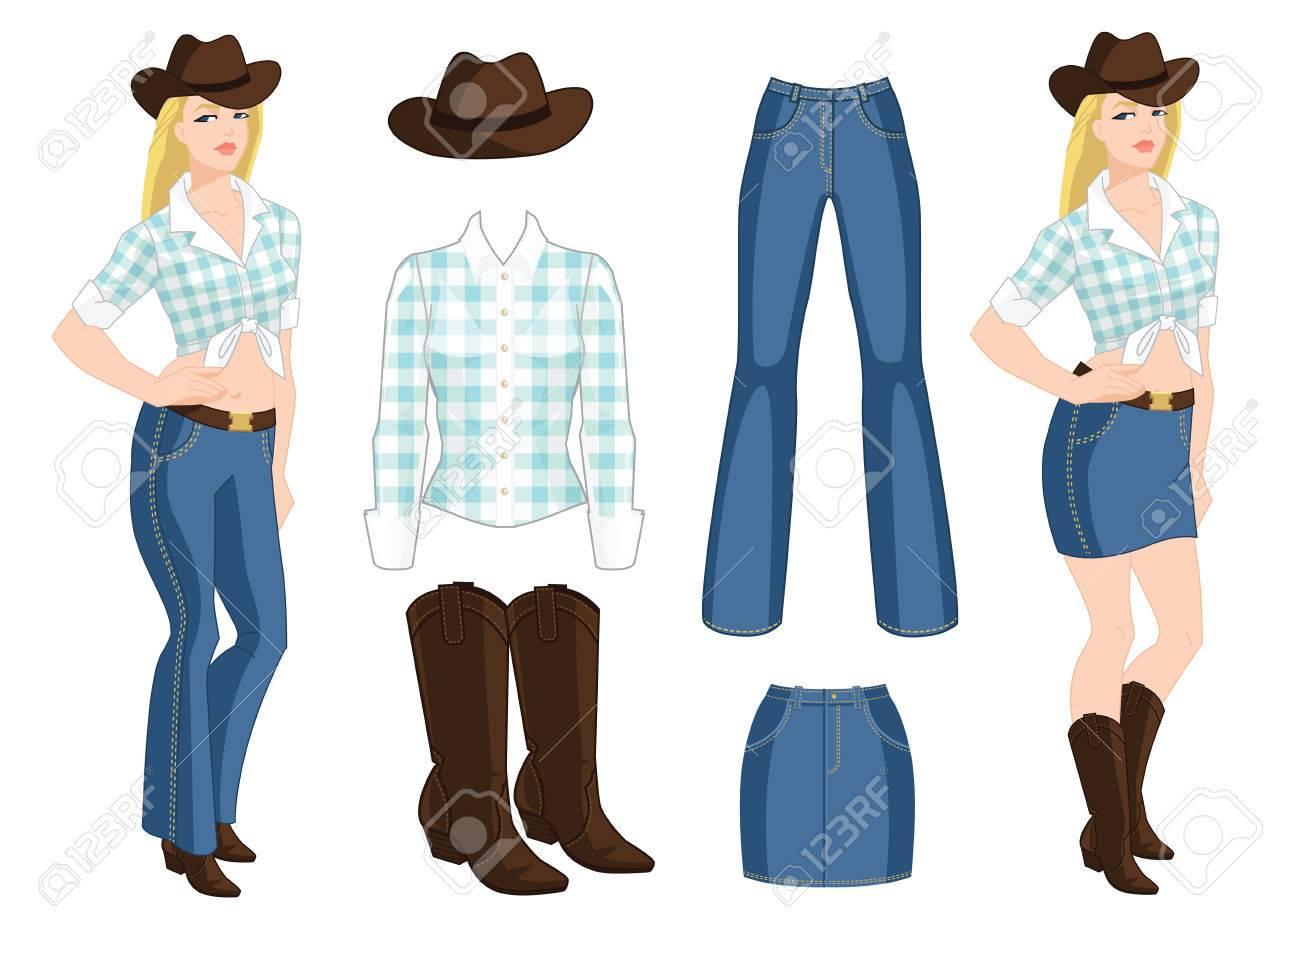 d119f685a Una ilustración vectorial de vaquera rubia. Blue jeans, falda de mezclilla,  sombrero y botas sobre fondo blanco. Estilo de país de la ropa en el ...